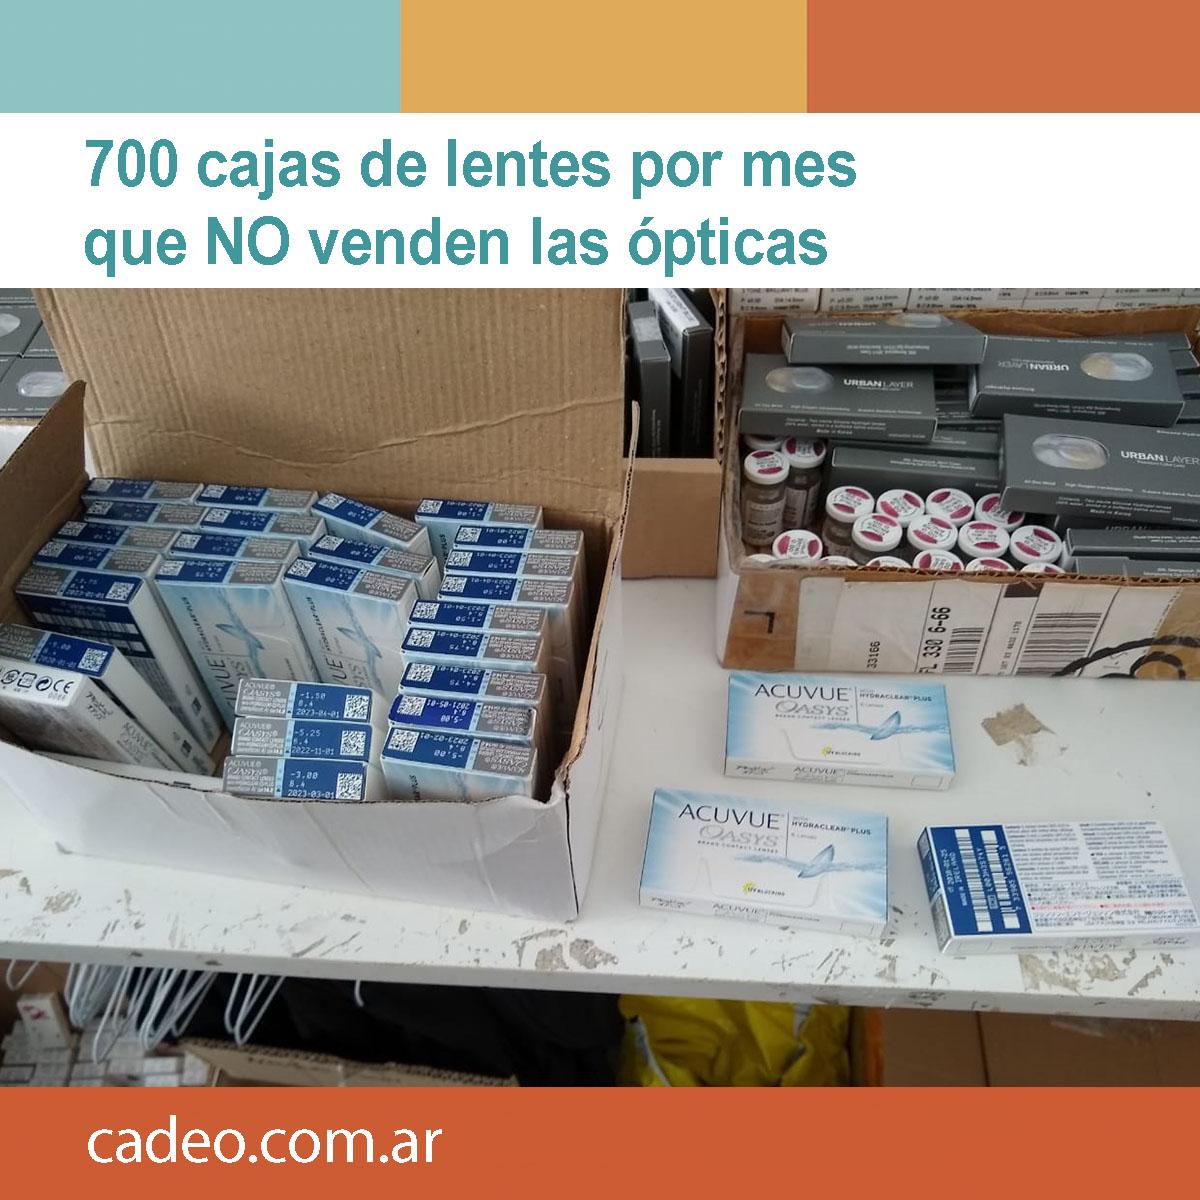 700 cajas de lentes por mes que no venden las ópticas